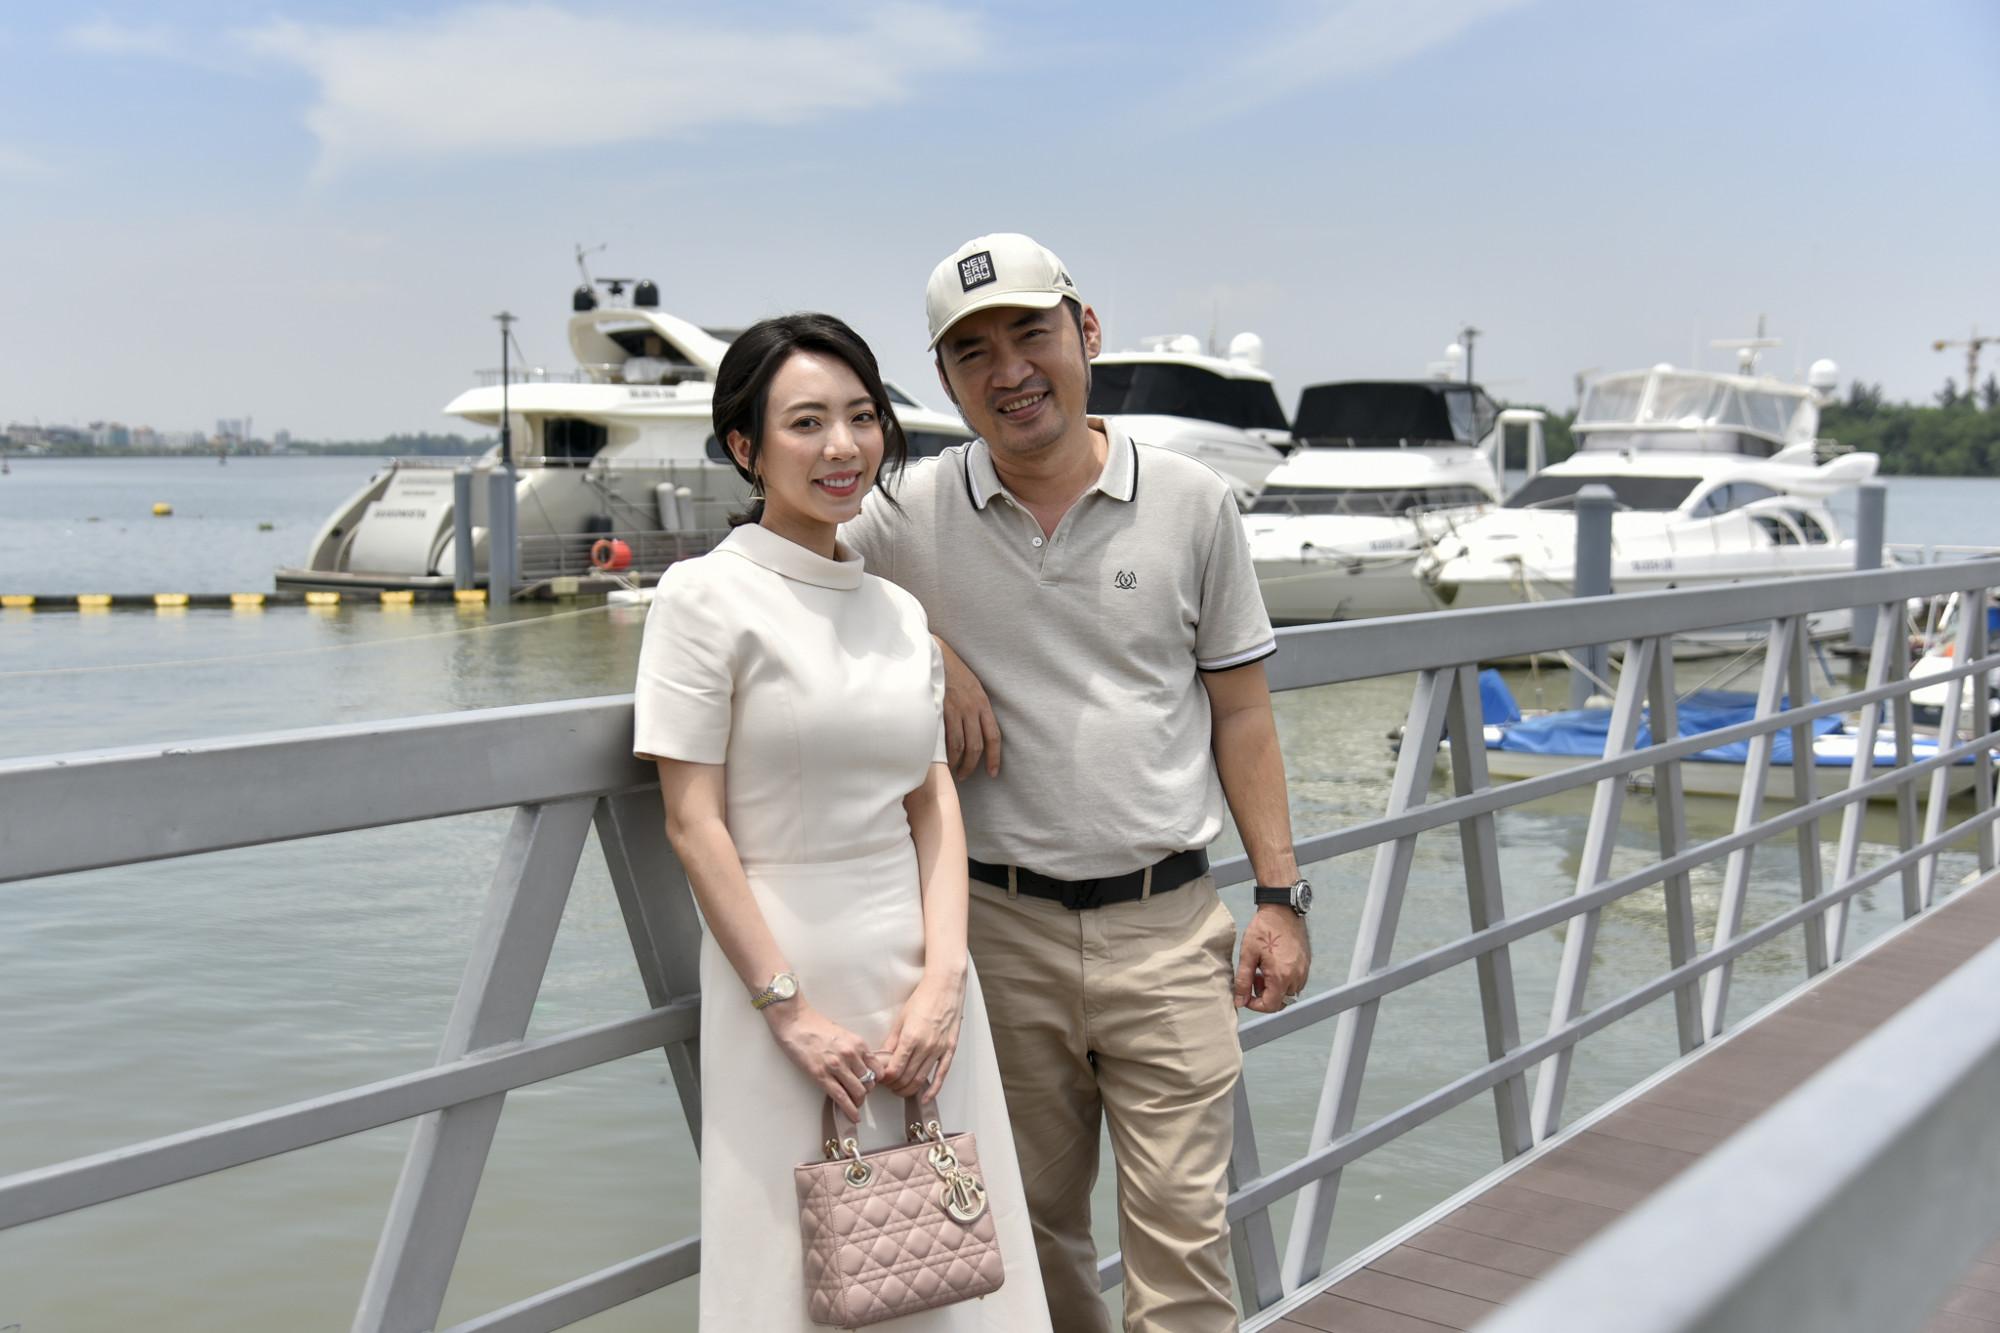 """Thu Trang chia sẻ """"chắc phải ráng cày cuốc"""" để tậu thêm một căn để ngày ngày ngắm du thuyền- Ảnh: Novaland"""